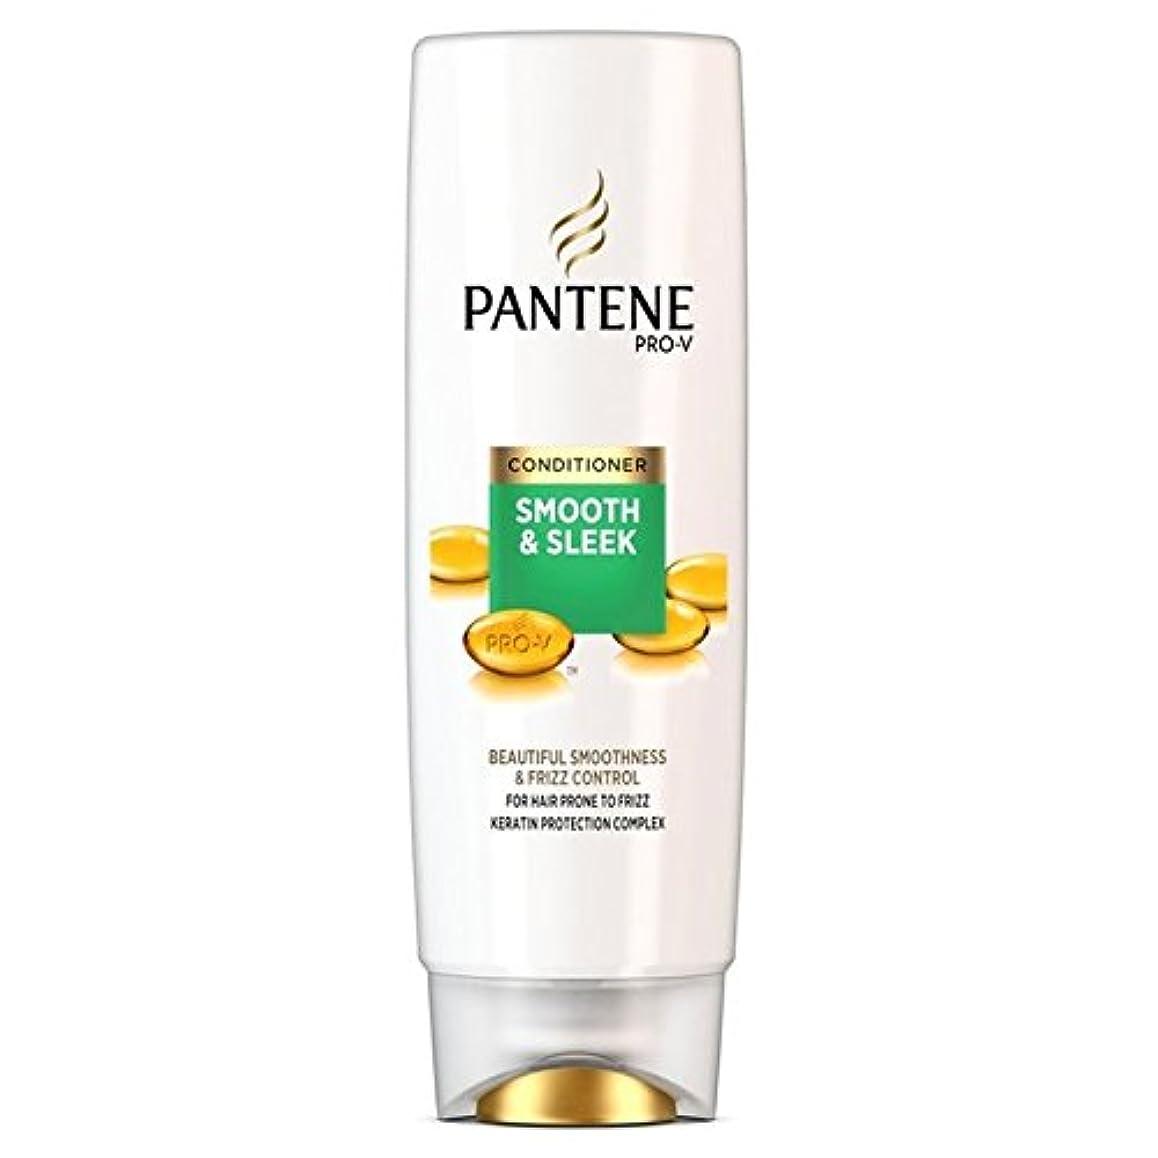 化学薬品宿題をする懐疑的Pantene Conditioner Smooth & Sleek For Hair Prone to Frizz 250ml (Pack of 6) - パンテーンコンディショナースムーズ&縮れ250ミリリットルを受...